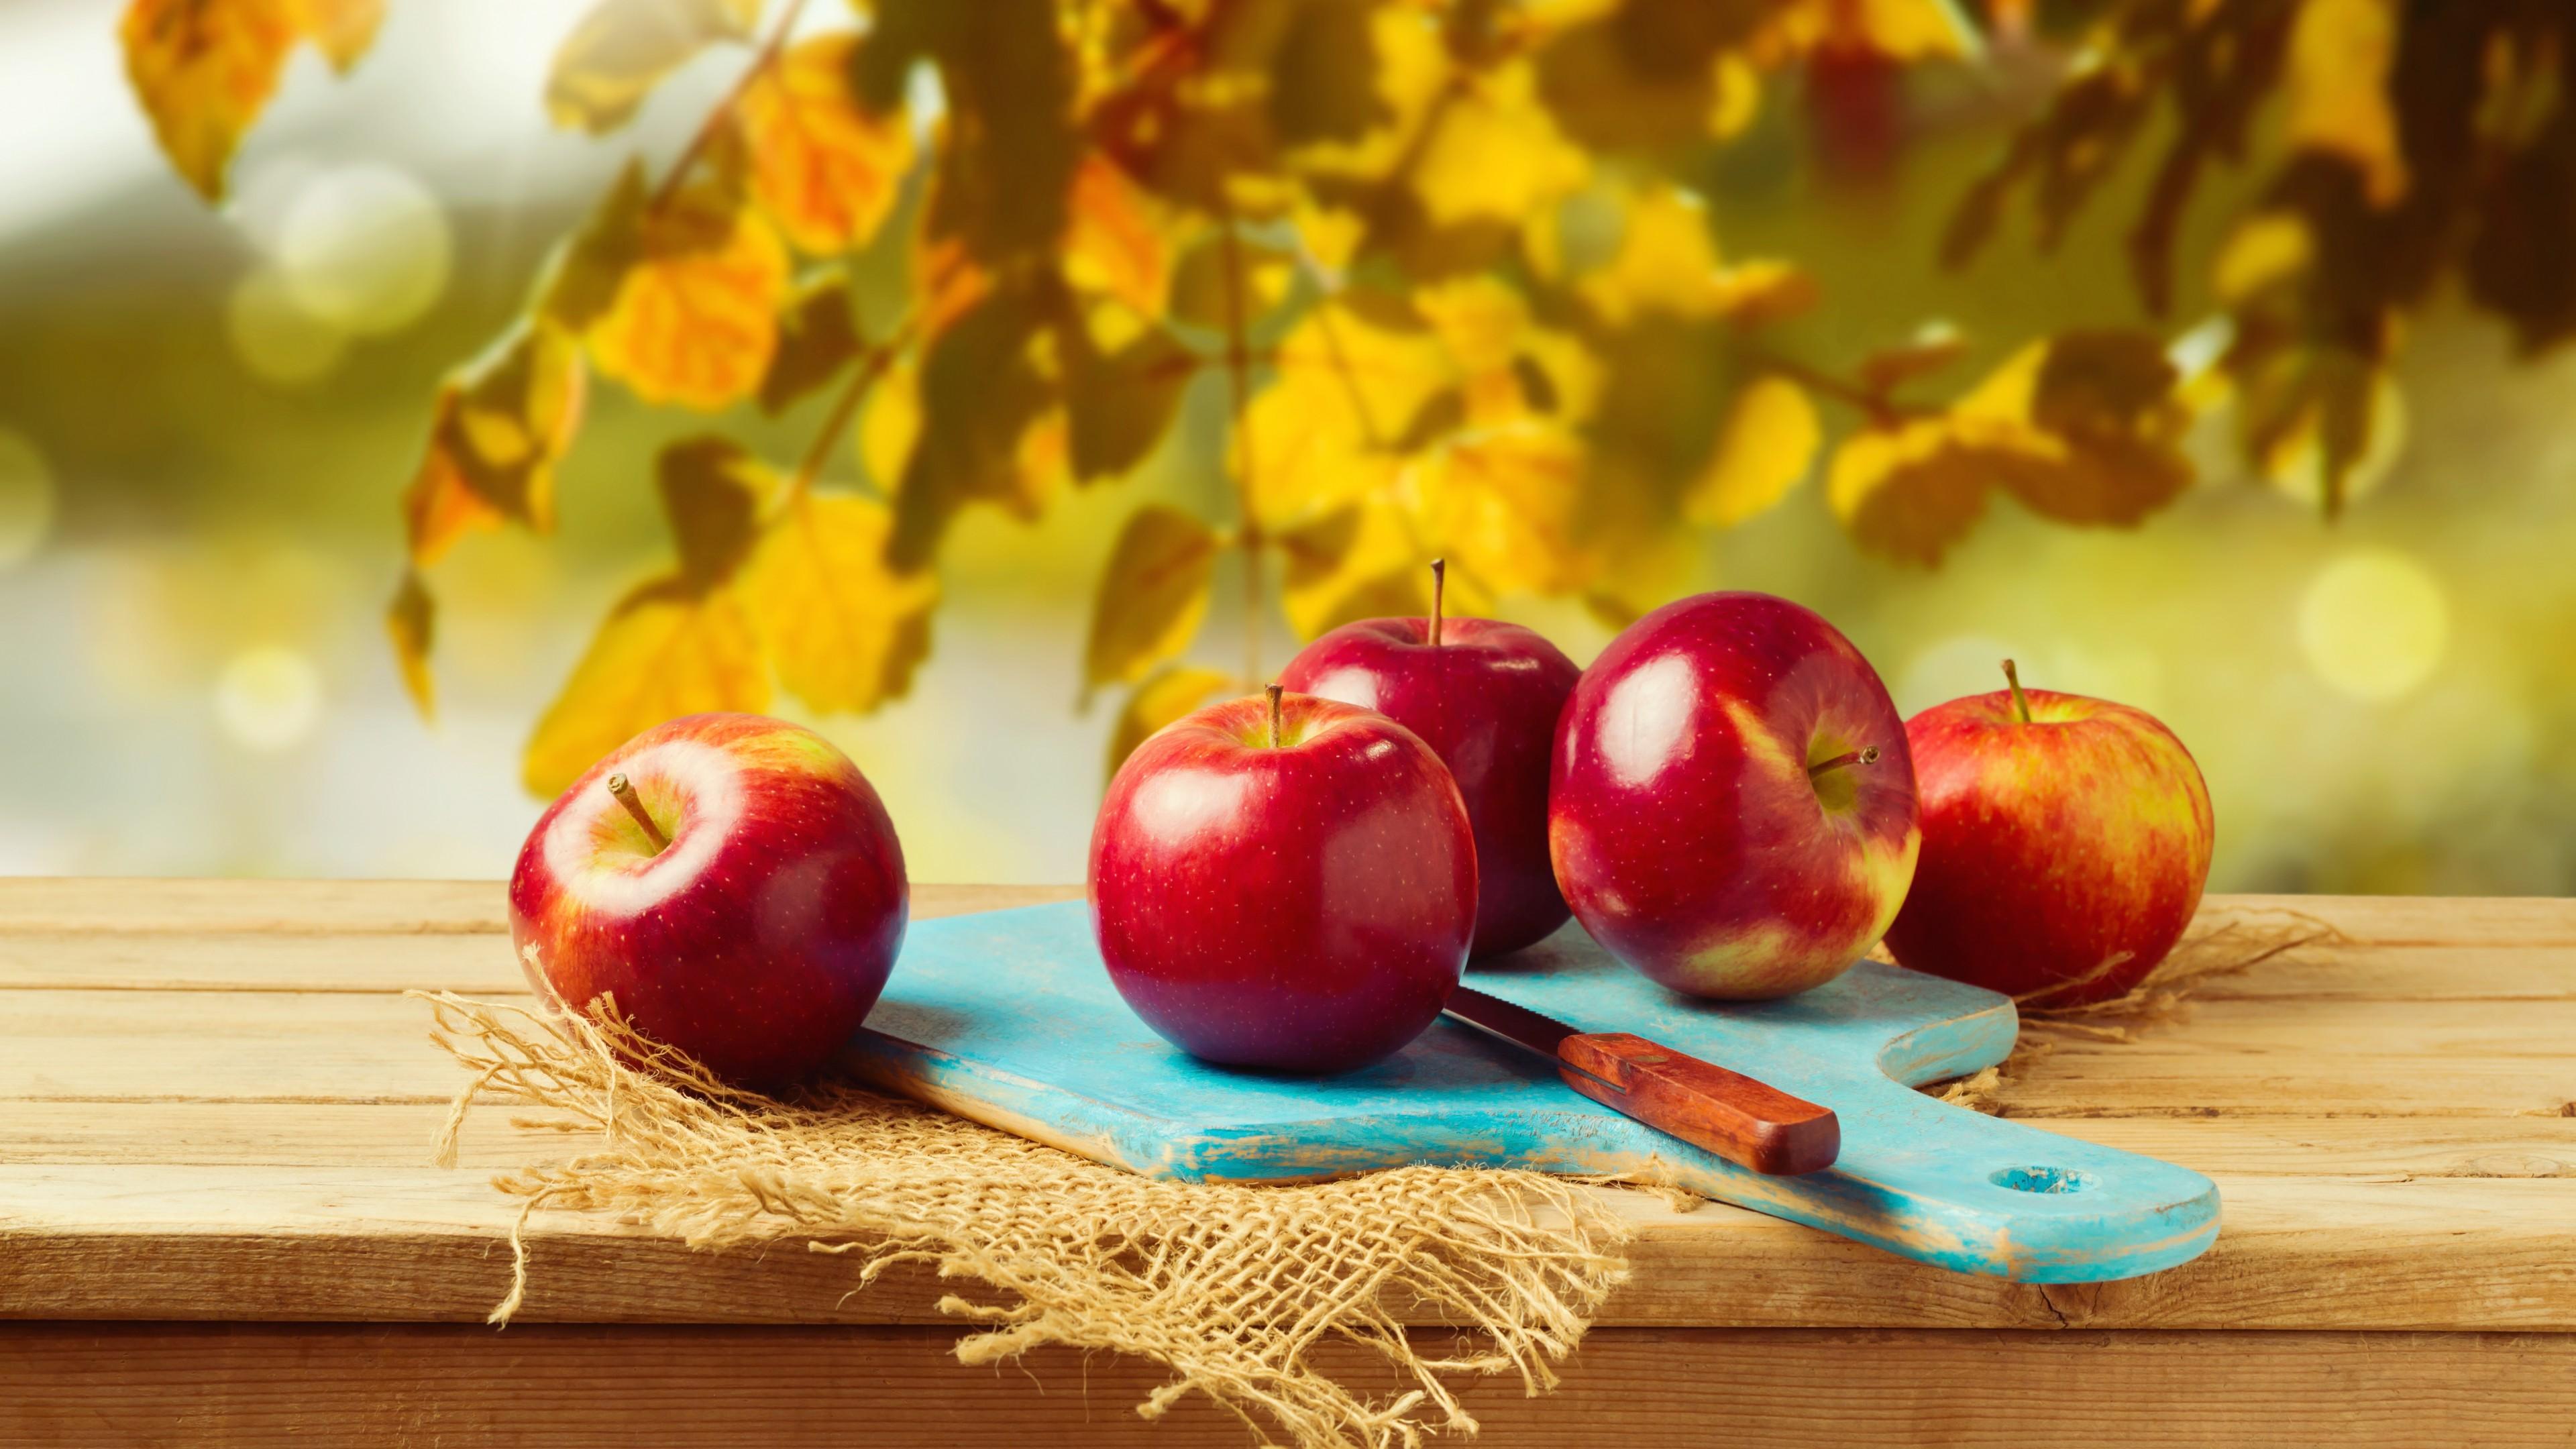 Красные спелые яблочки в осенних лучах солнца